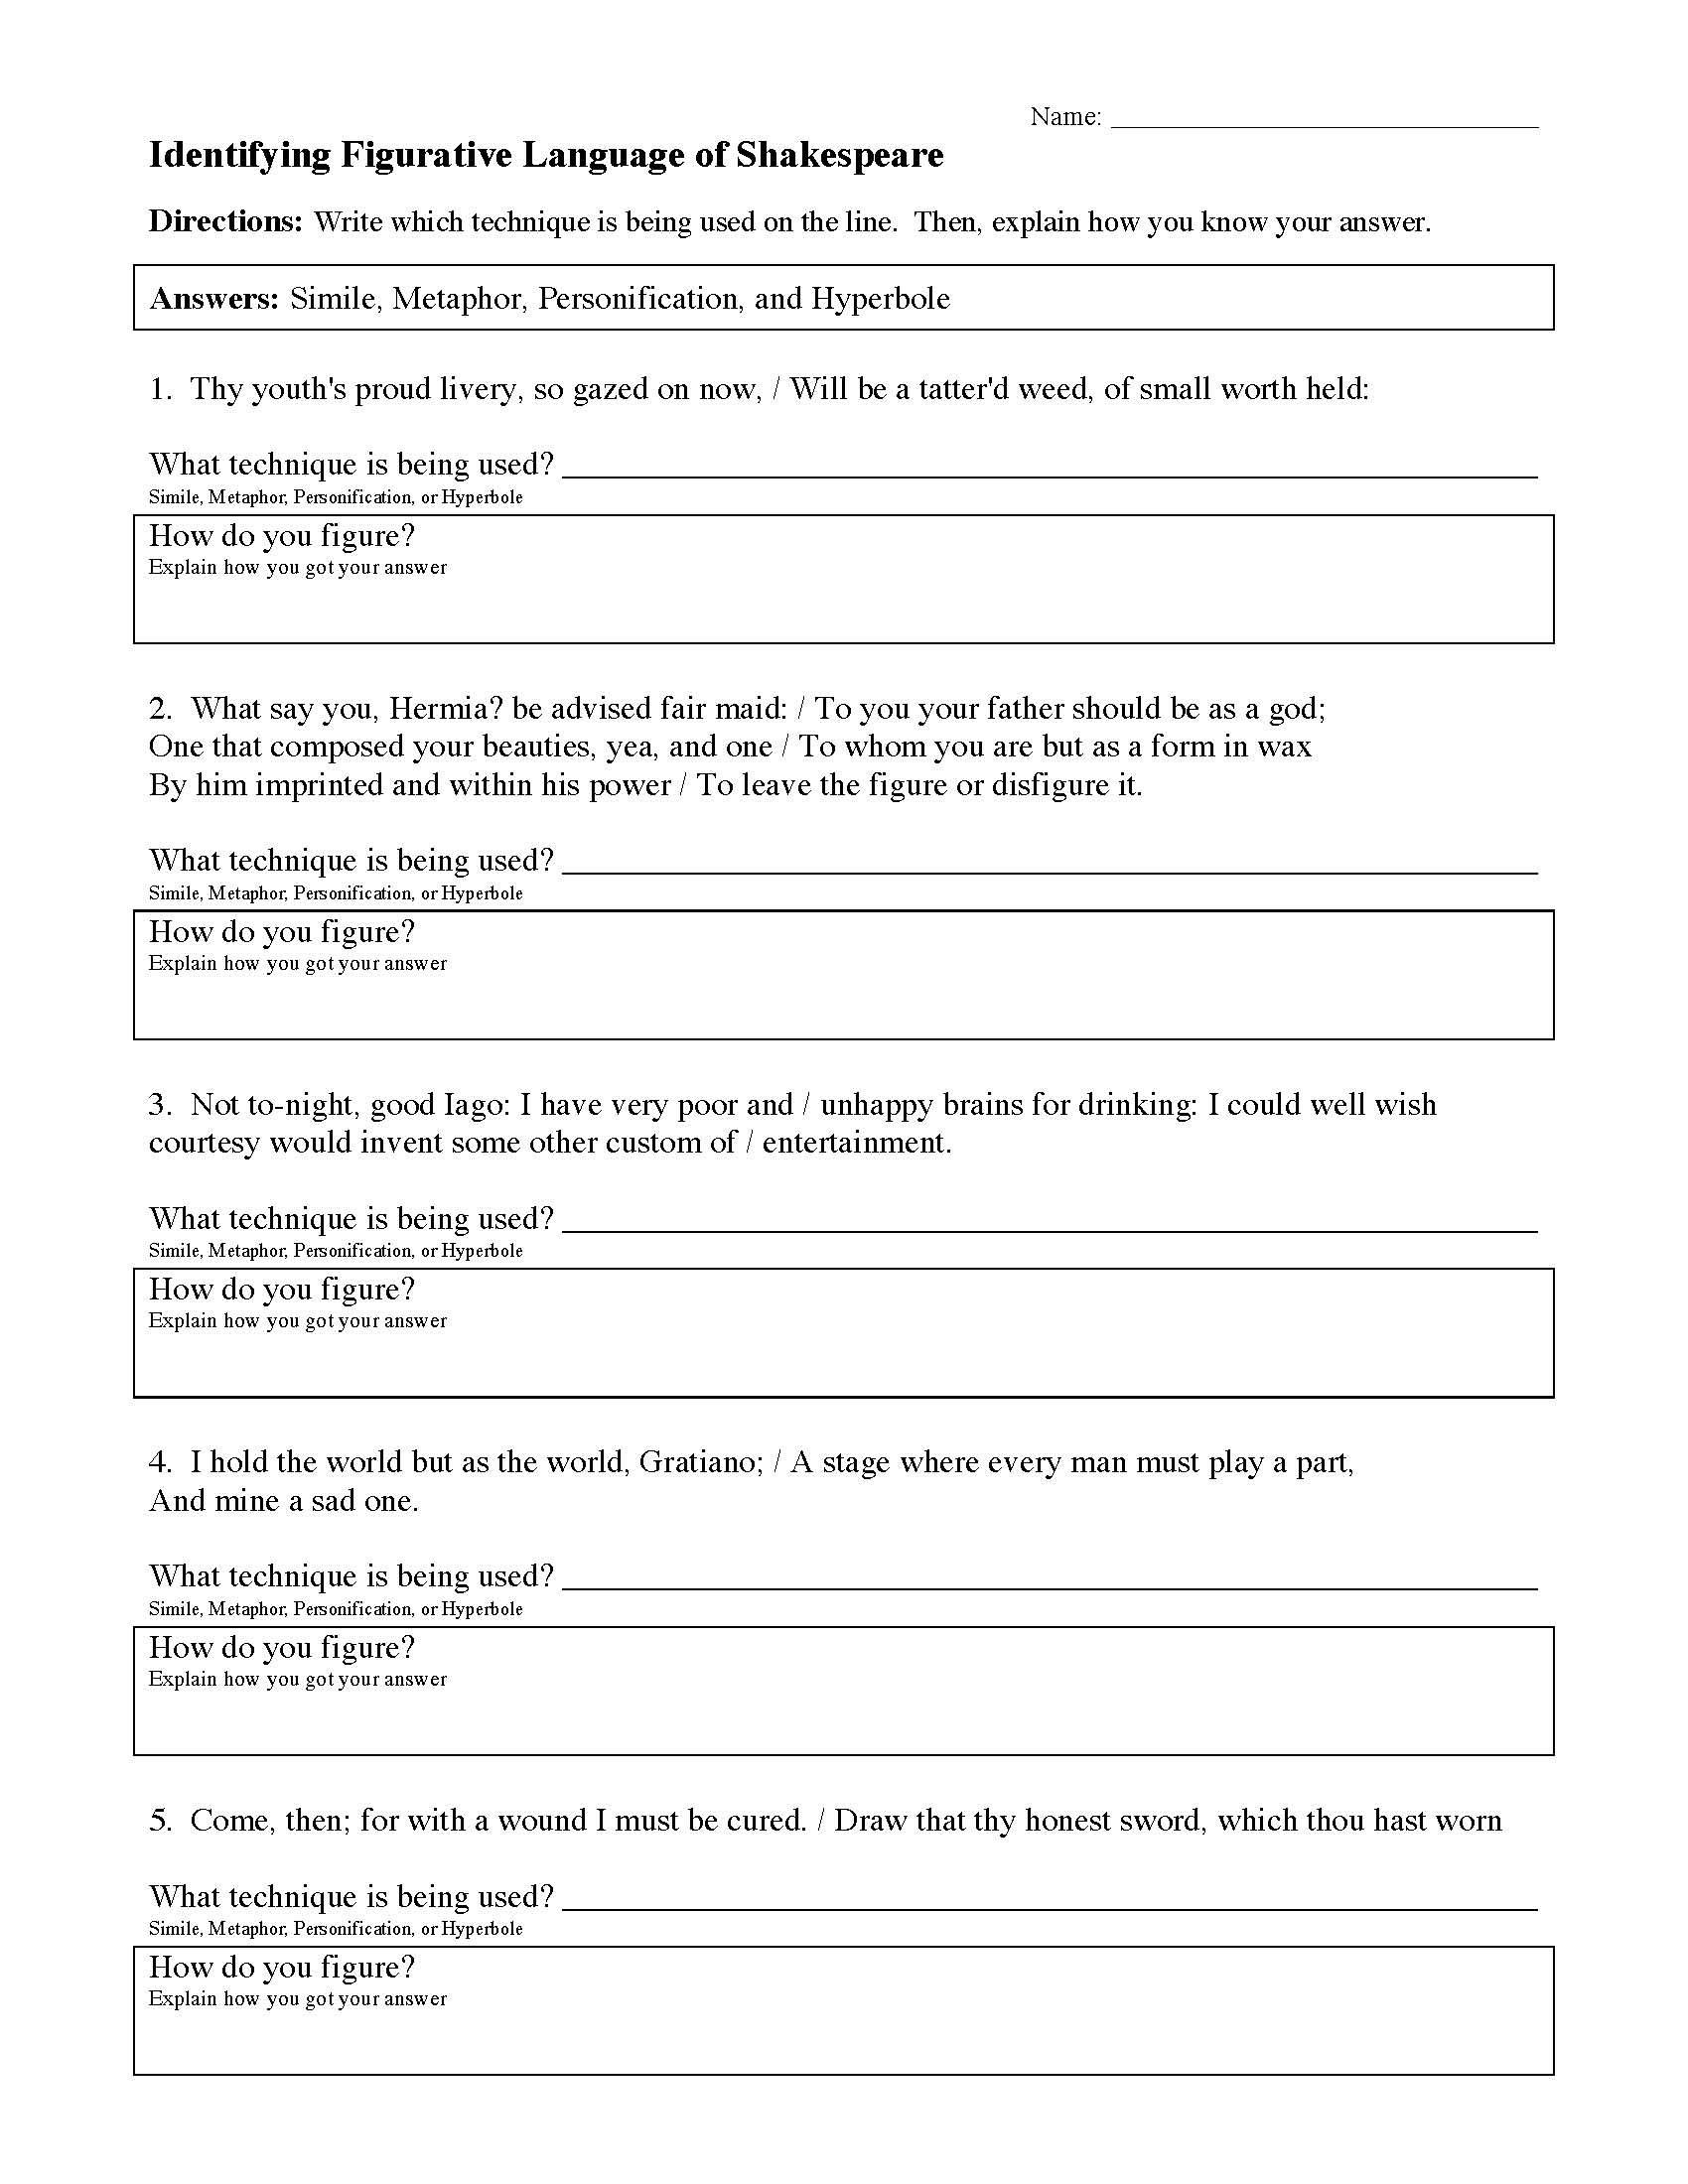 Figurative Language Worksheet 2 Answers